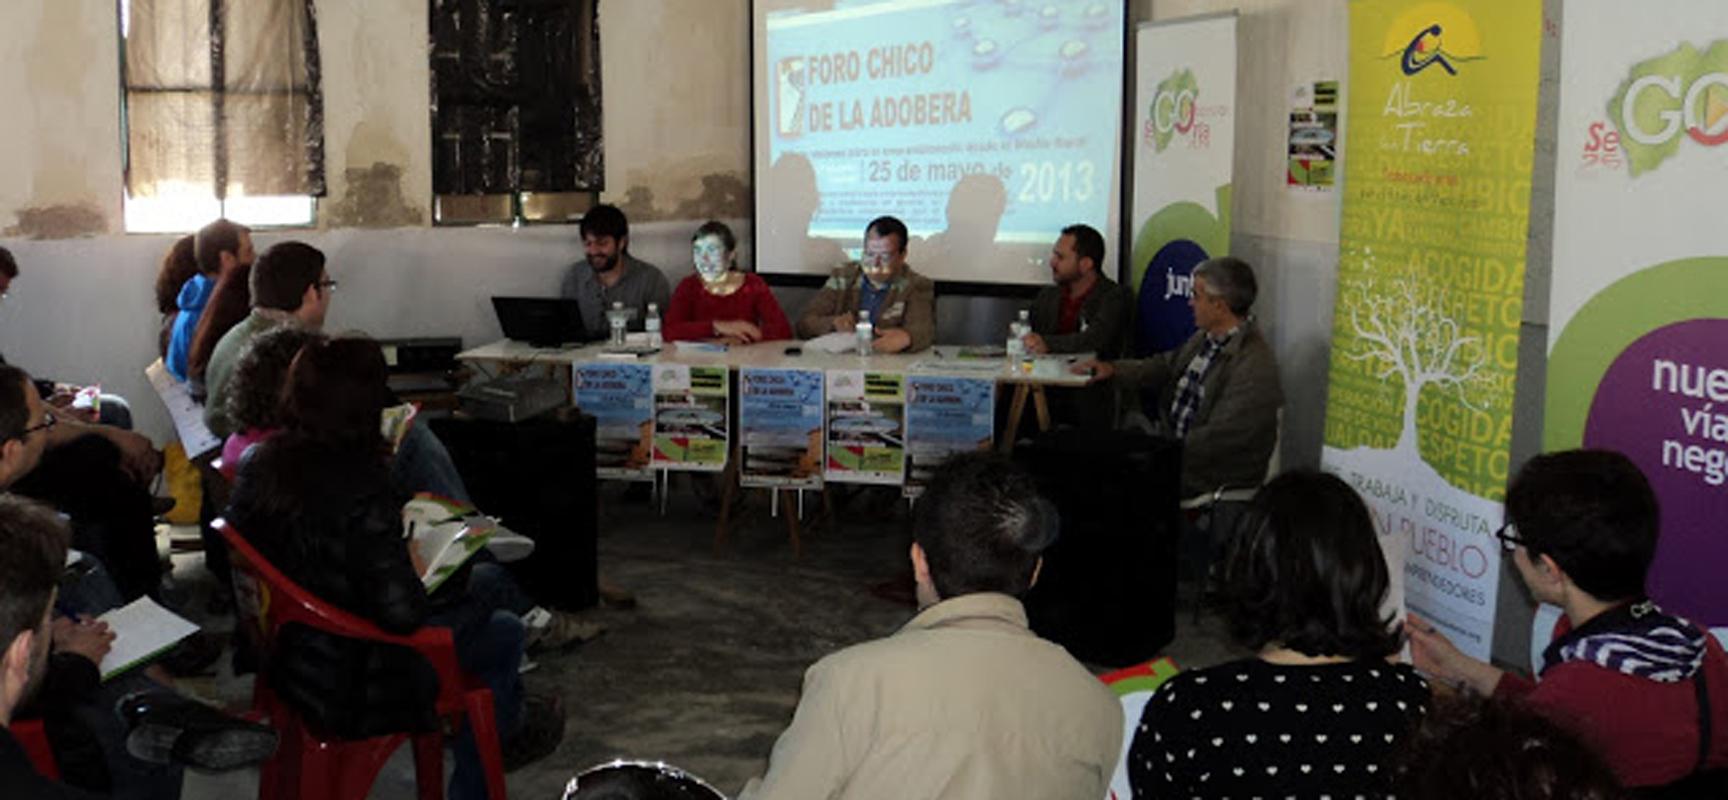 """Debate durante el desarrollo del I foro Chico """"La Adobera""""."""